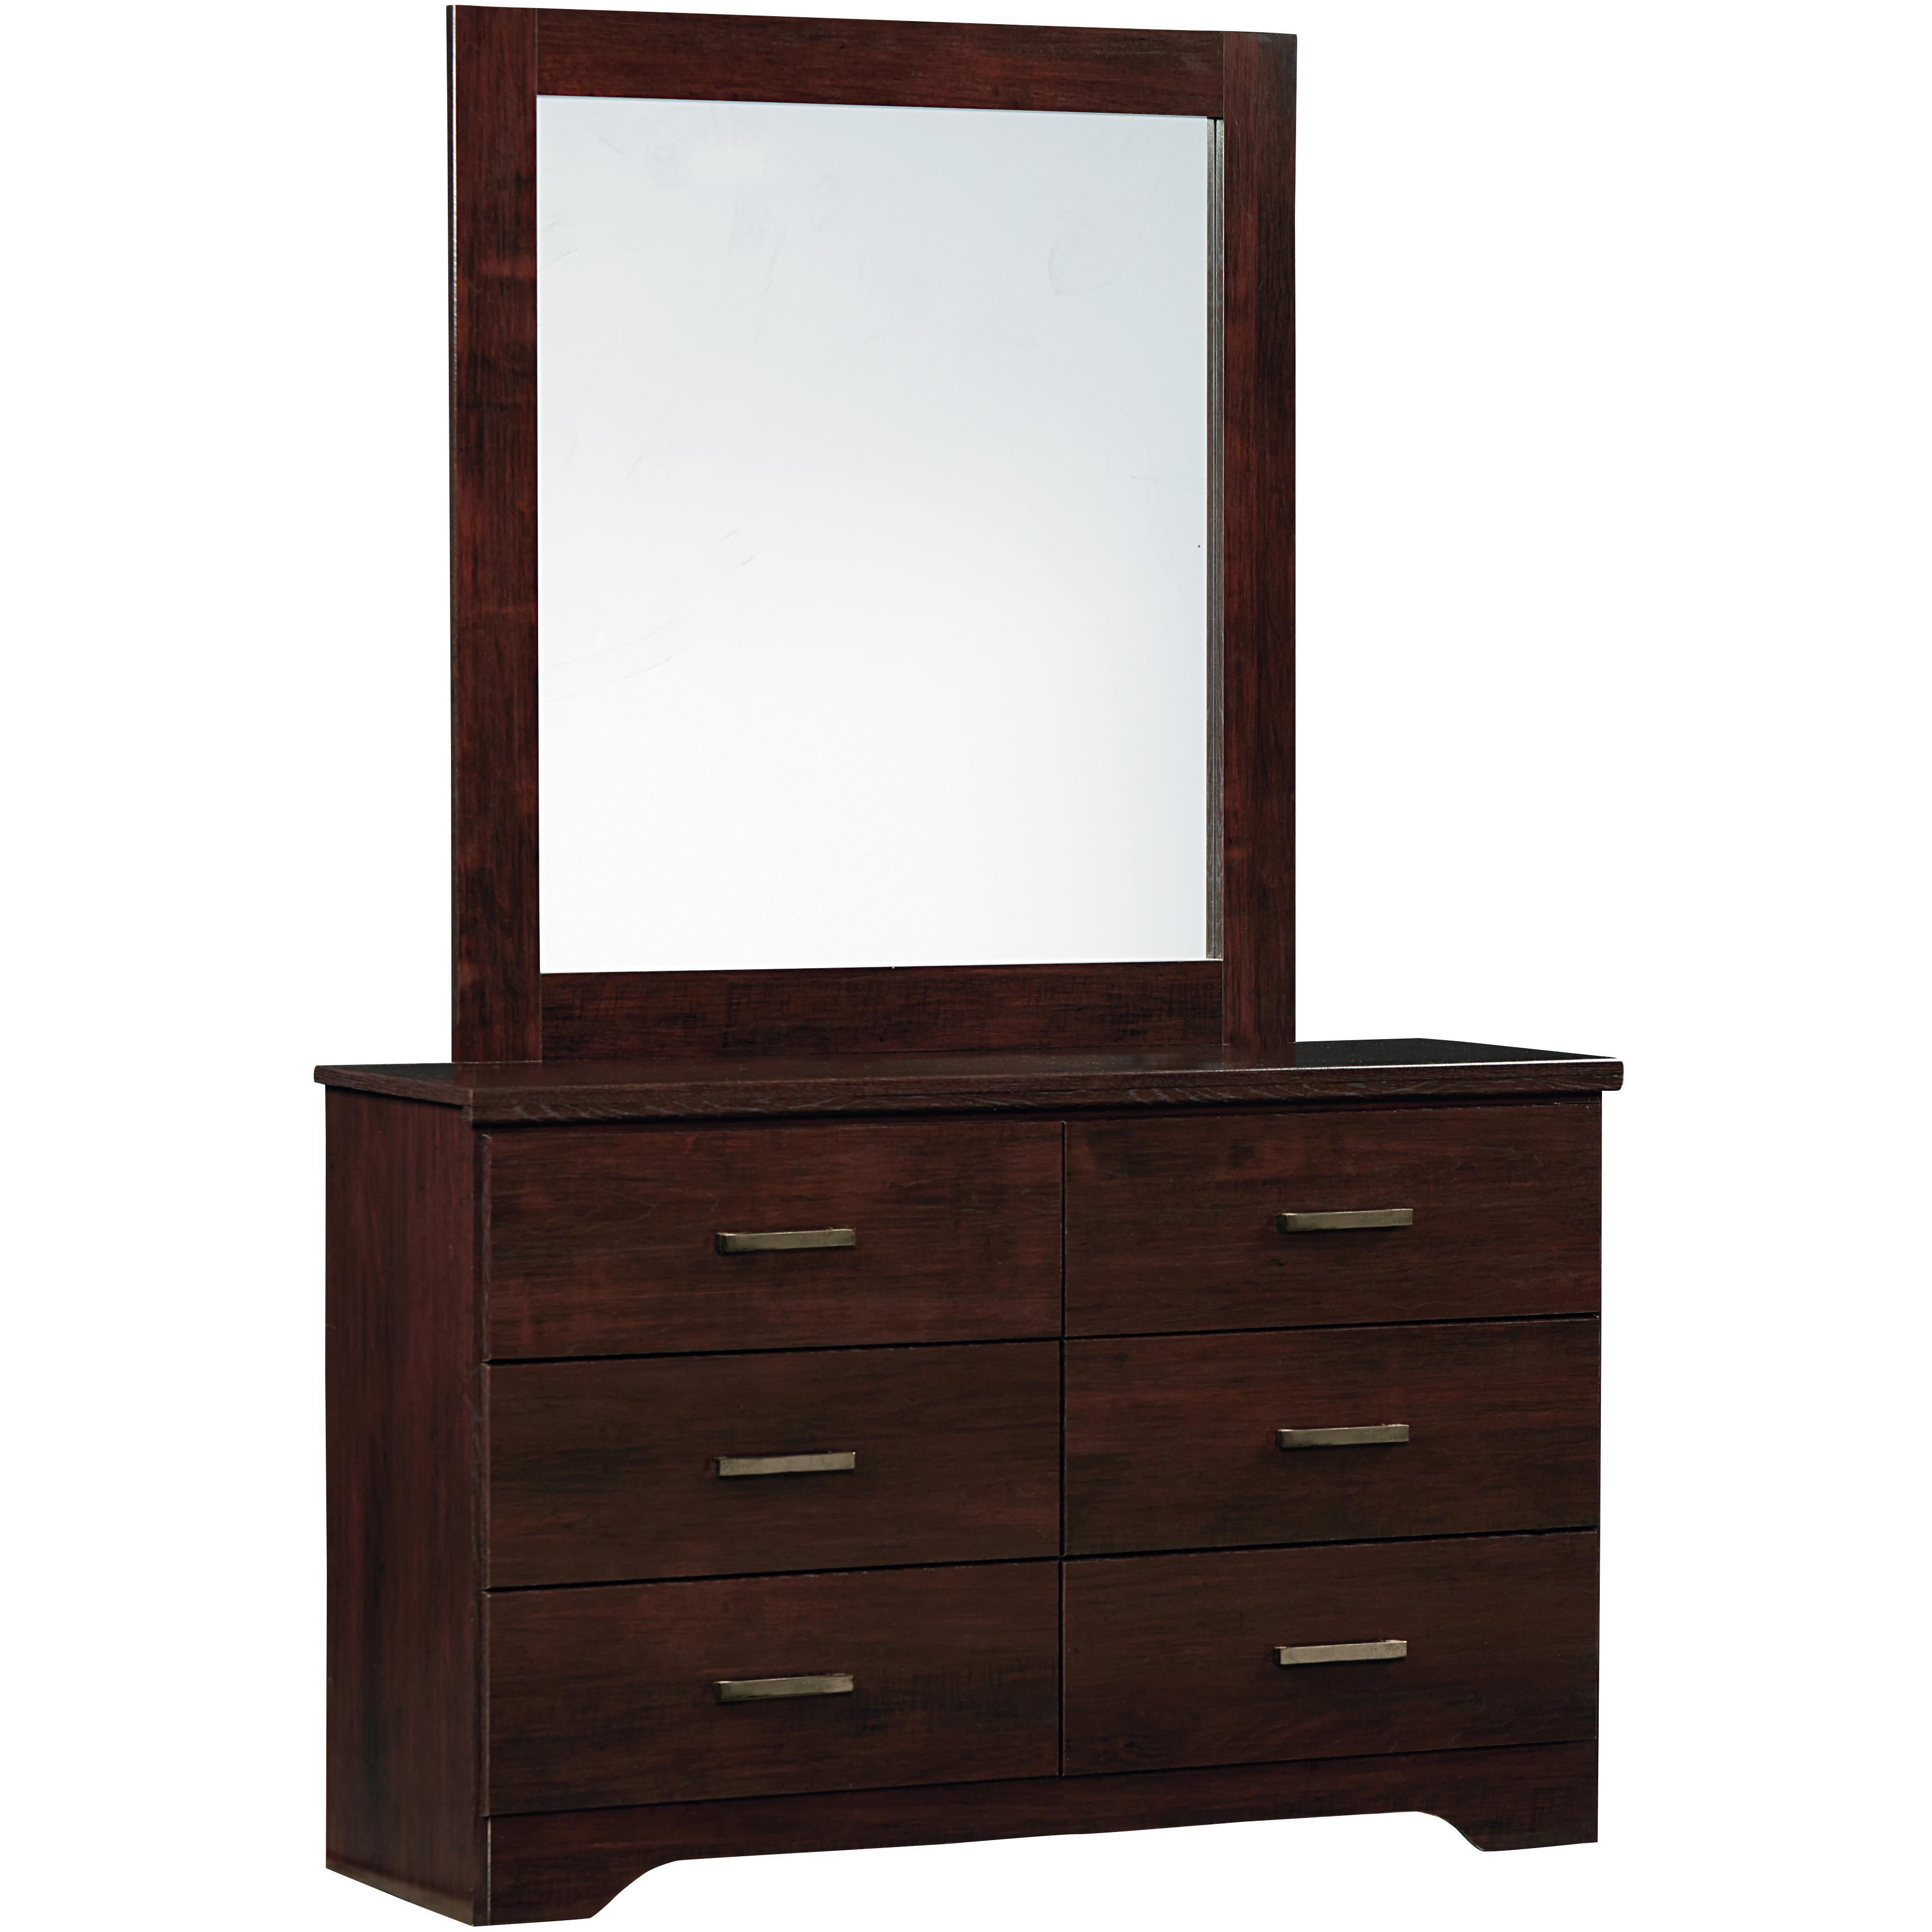 Standard Furniture Glenshire Dresser and Mirror Set - Item Number: 52609+52618